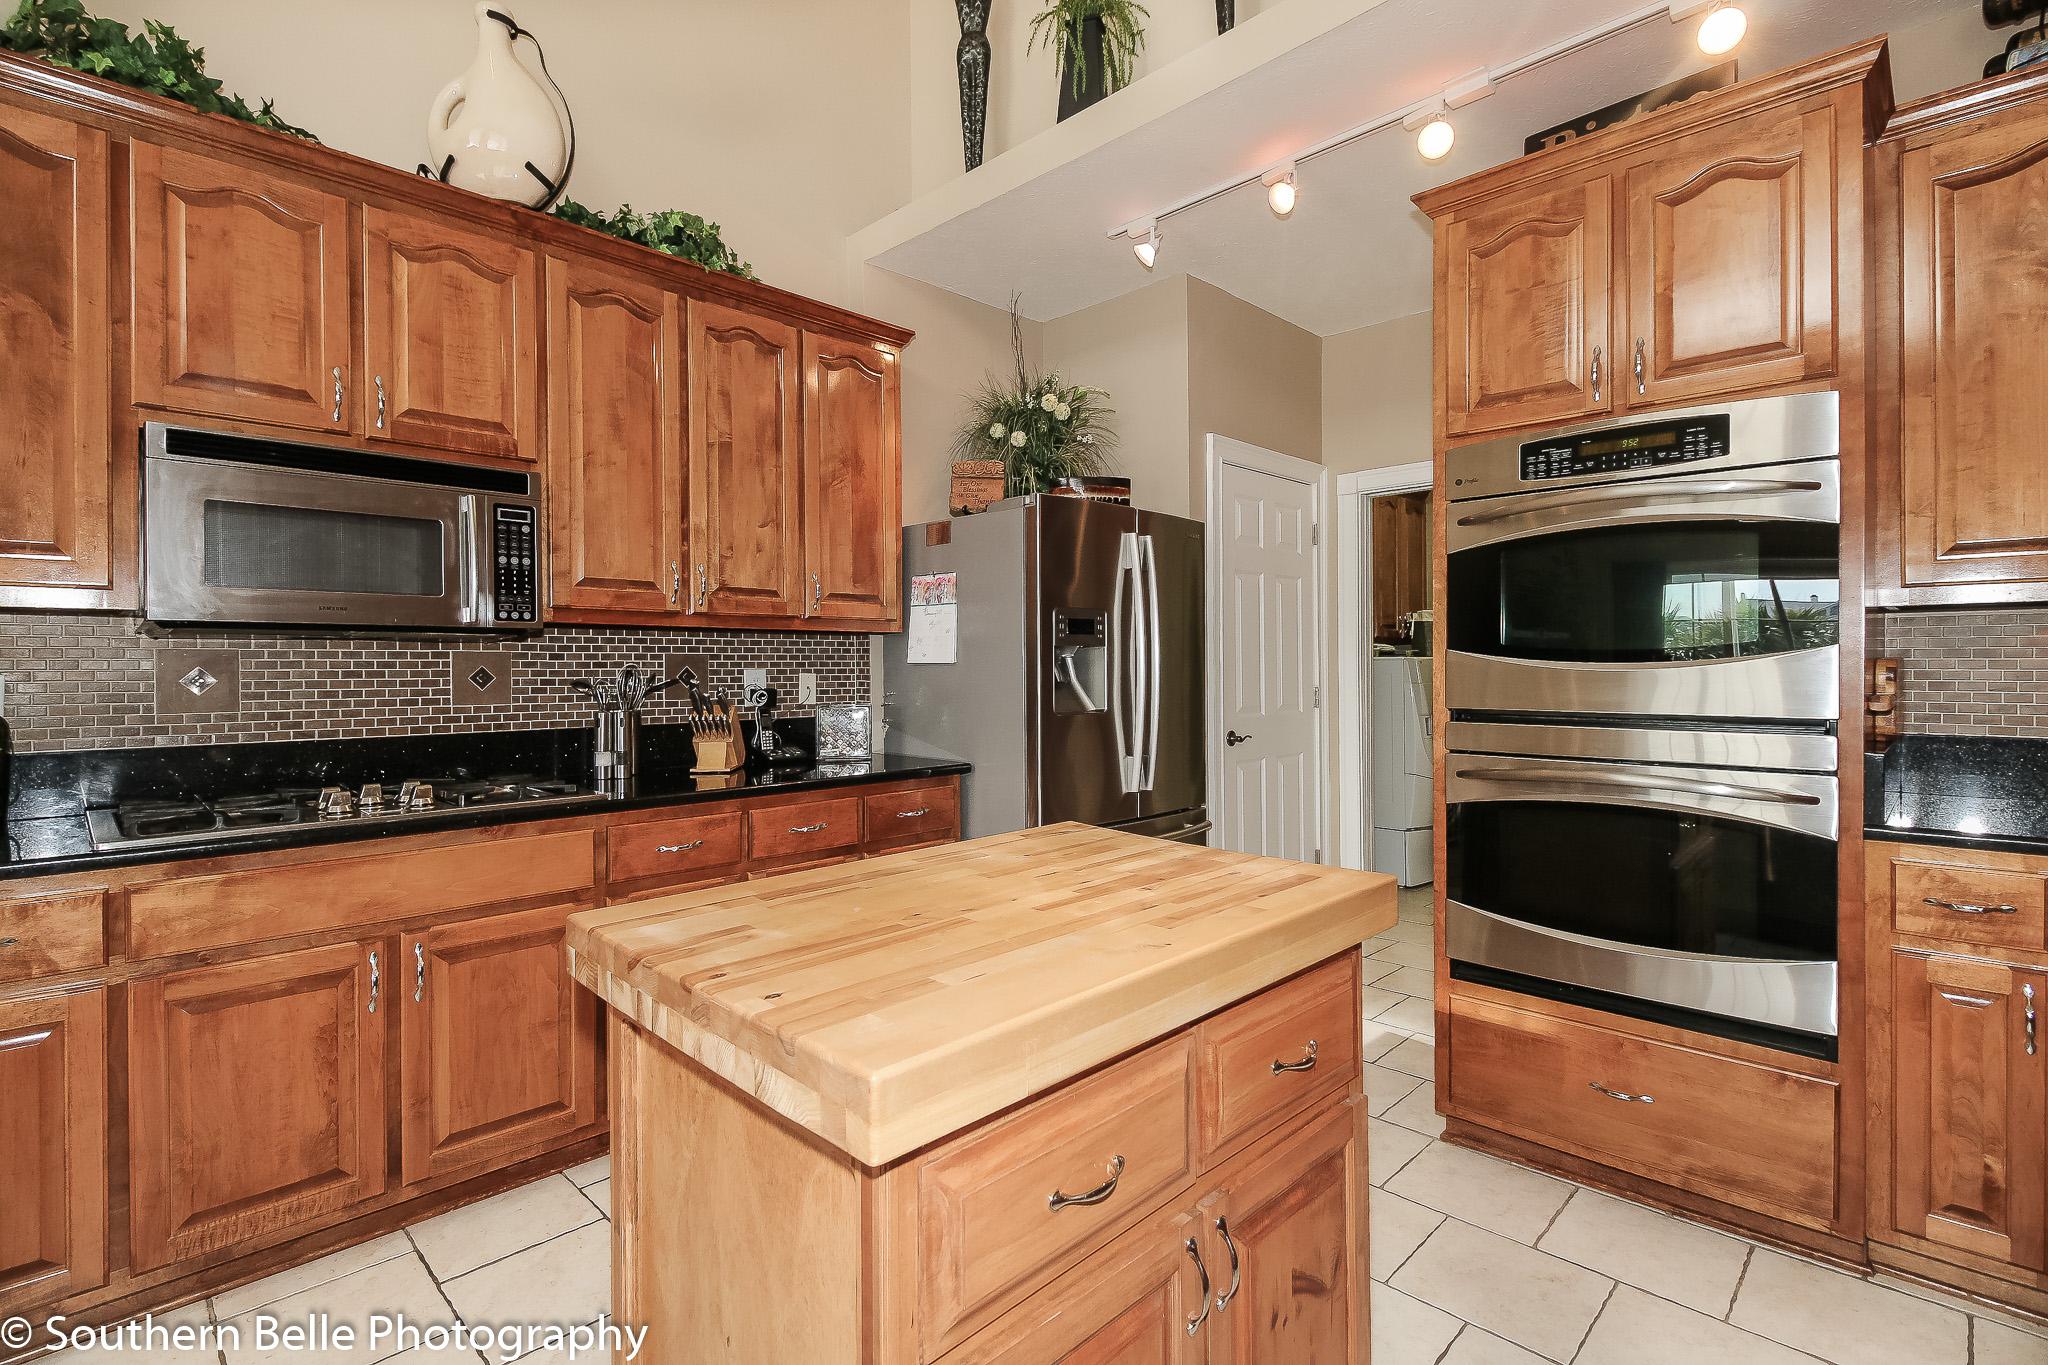 15. Kitchen View WM